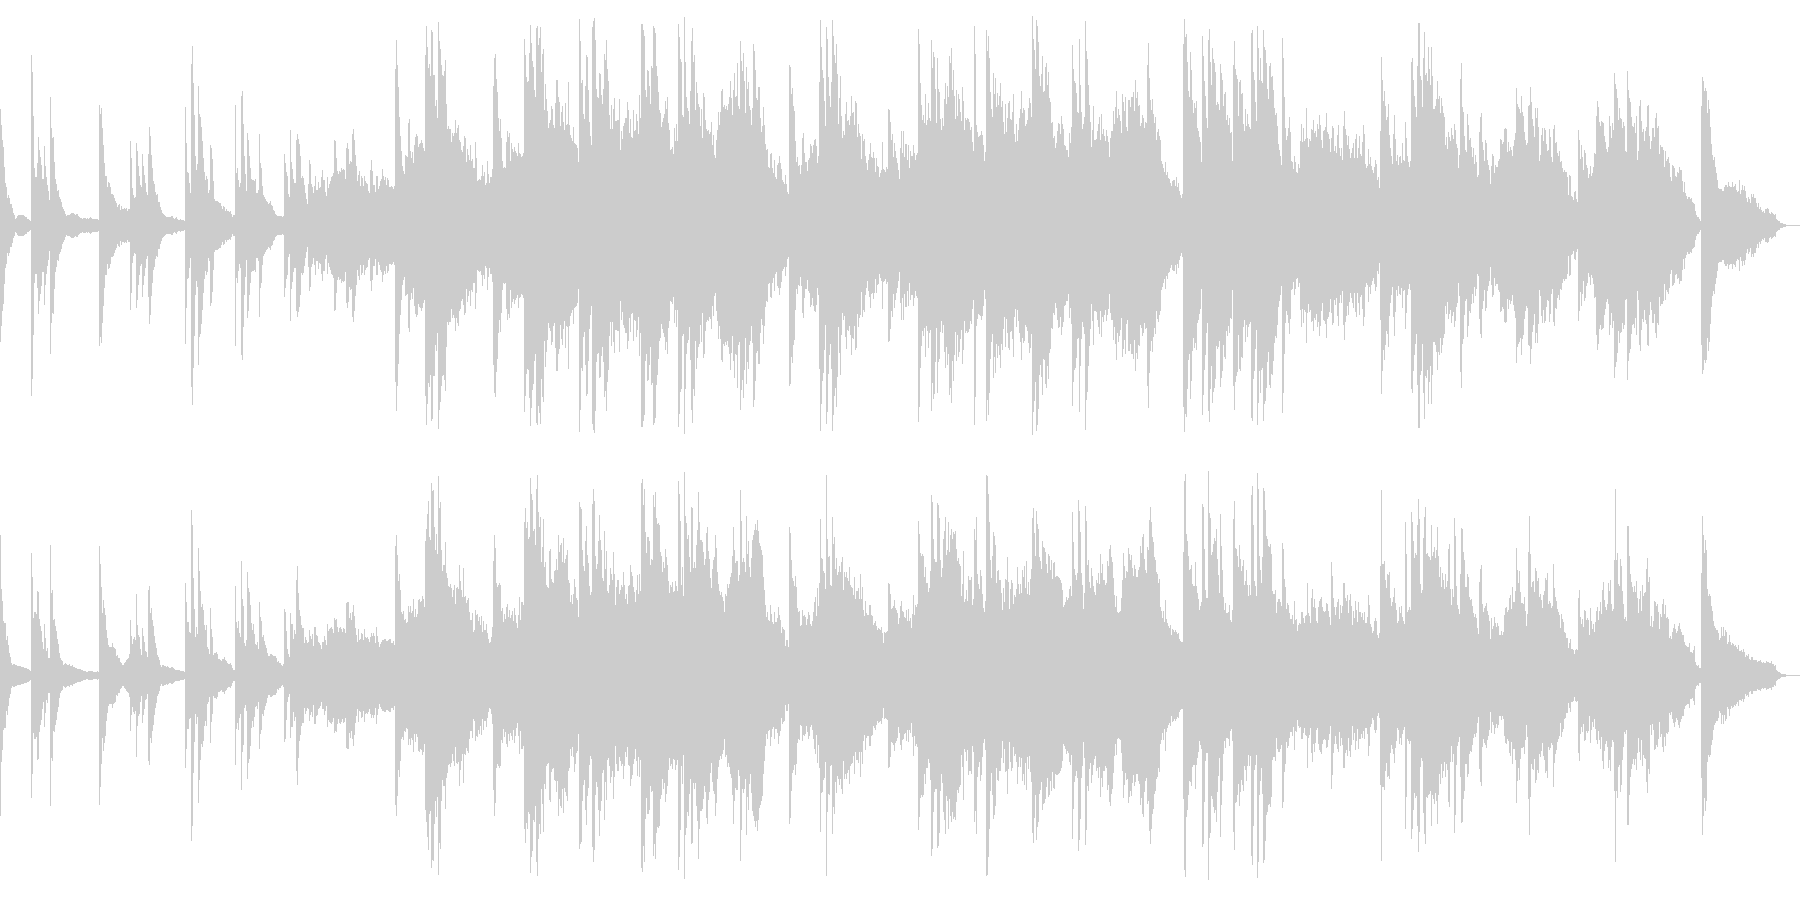 邪魔せず静かに彩るピアノインストバラードの未再生の波形